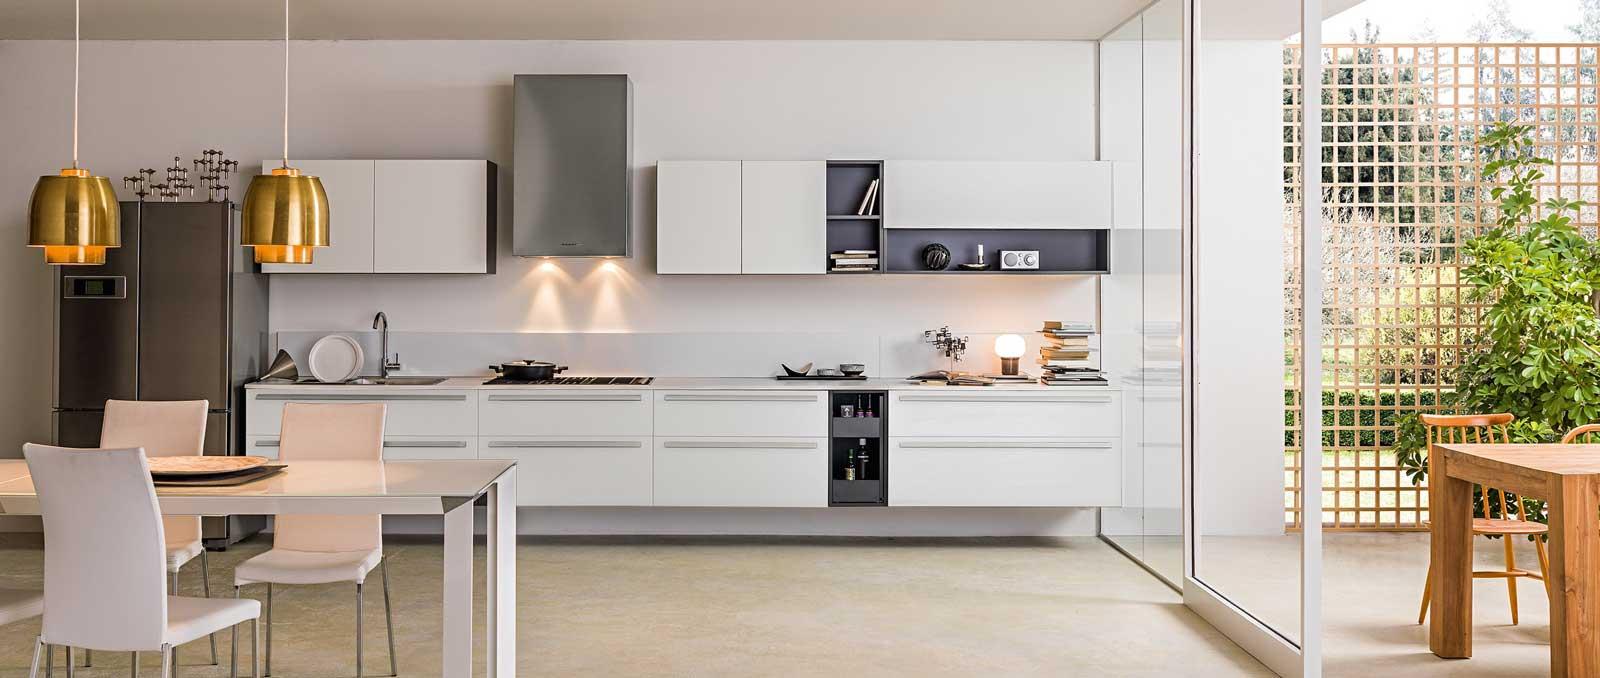 Conception et fonctionnalités réfléchies pour une cuisine moderne qui va droit à l'essentiel, claire et ergonomique. Façades blanc mat.